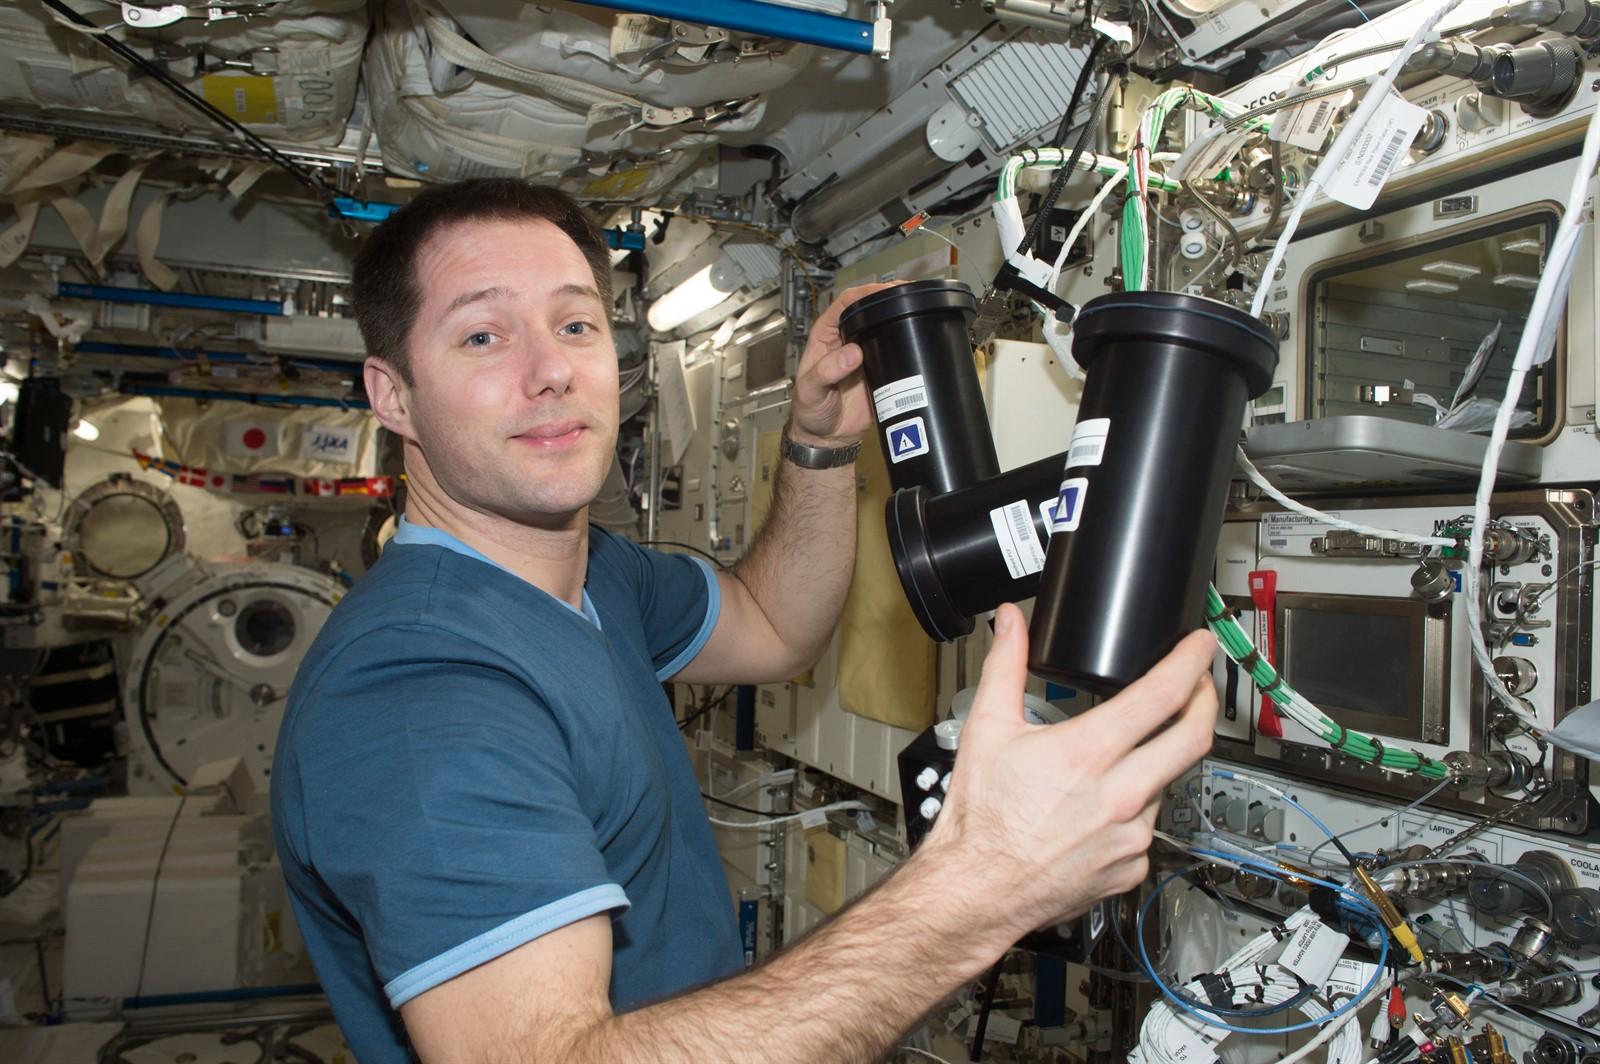 iss050e058812 credit NASA 1600